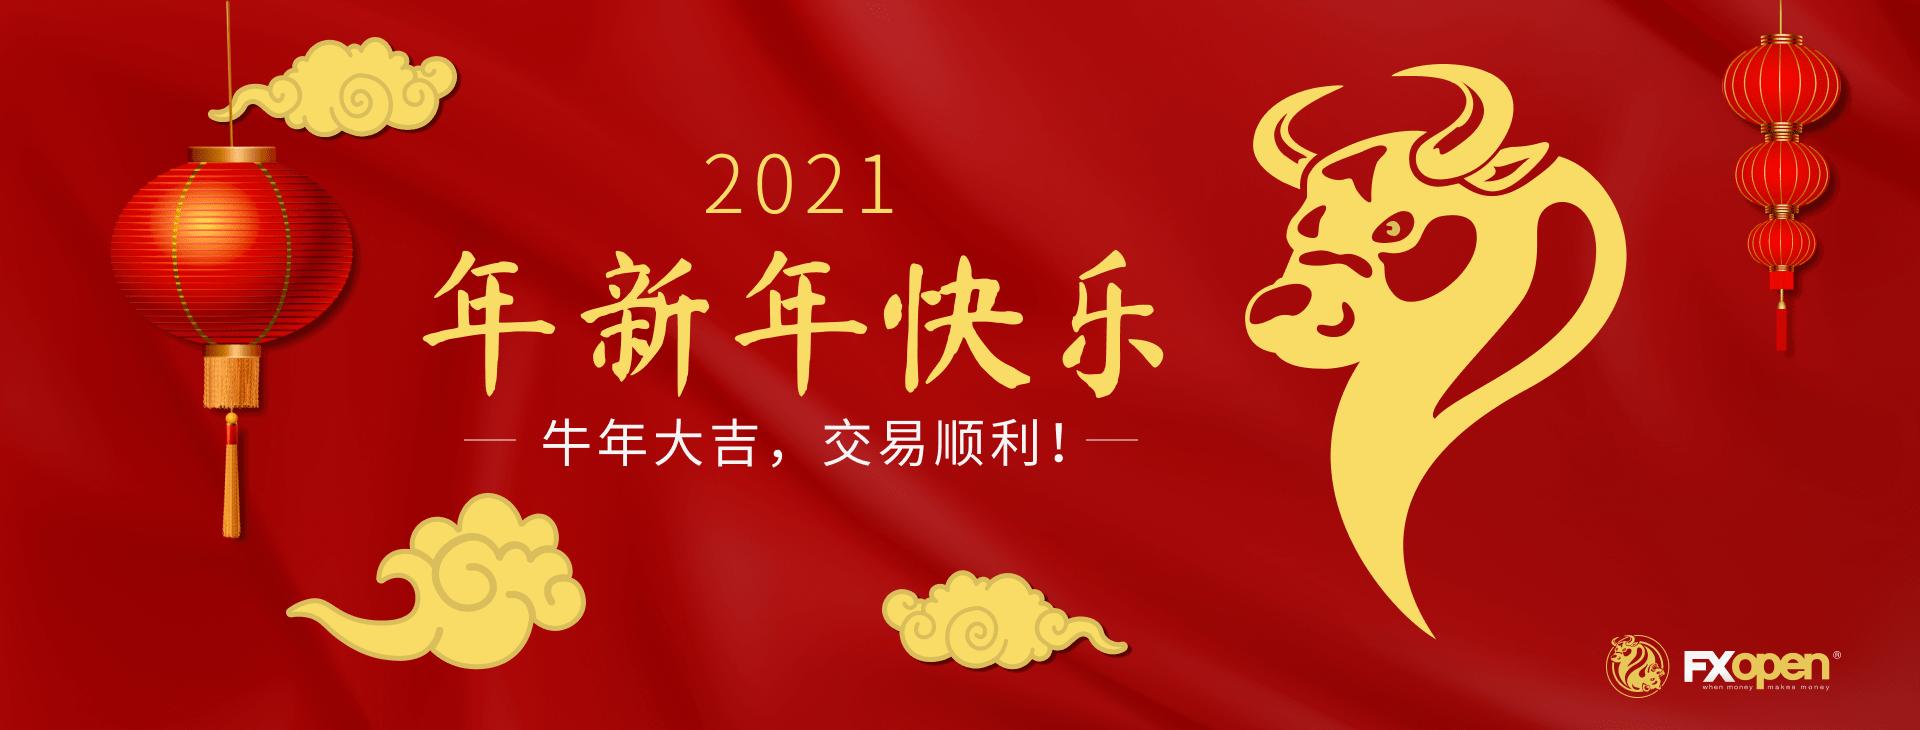 FXOpen 2021春节假期服务时间安排!